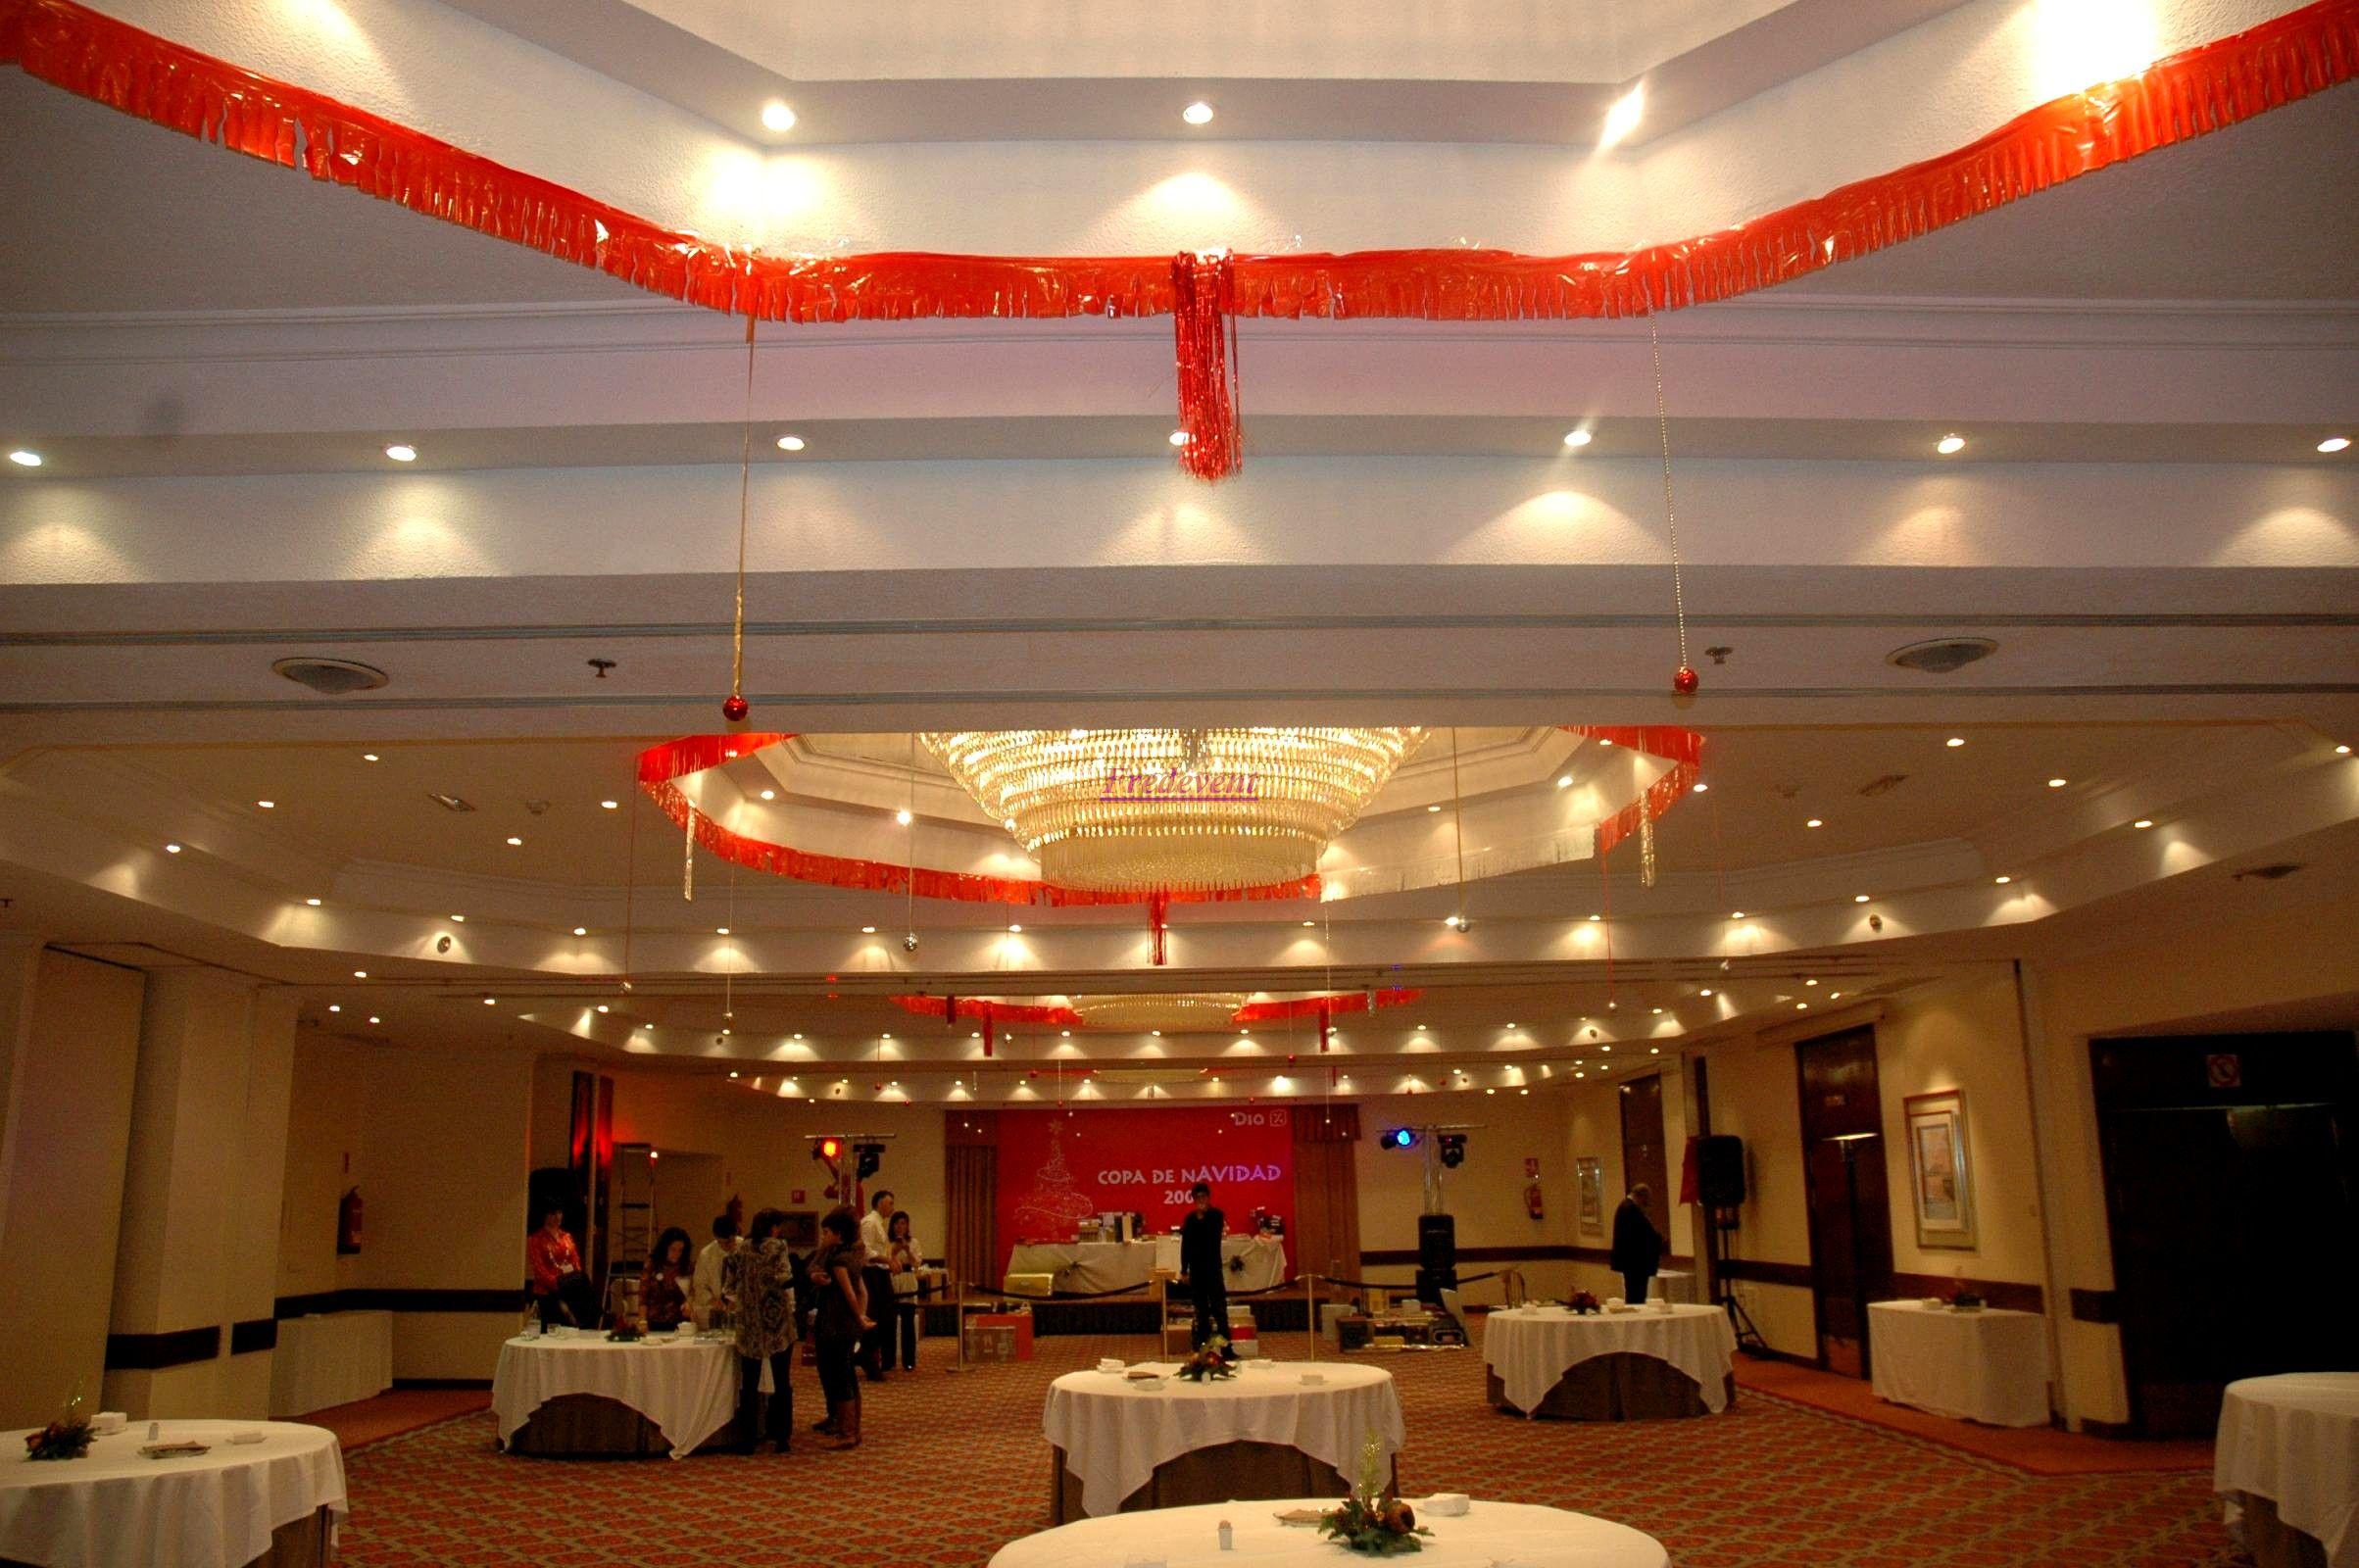 Organizadores de fiestas agencias de eventos catering - Fotos de decoracion de salones ...